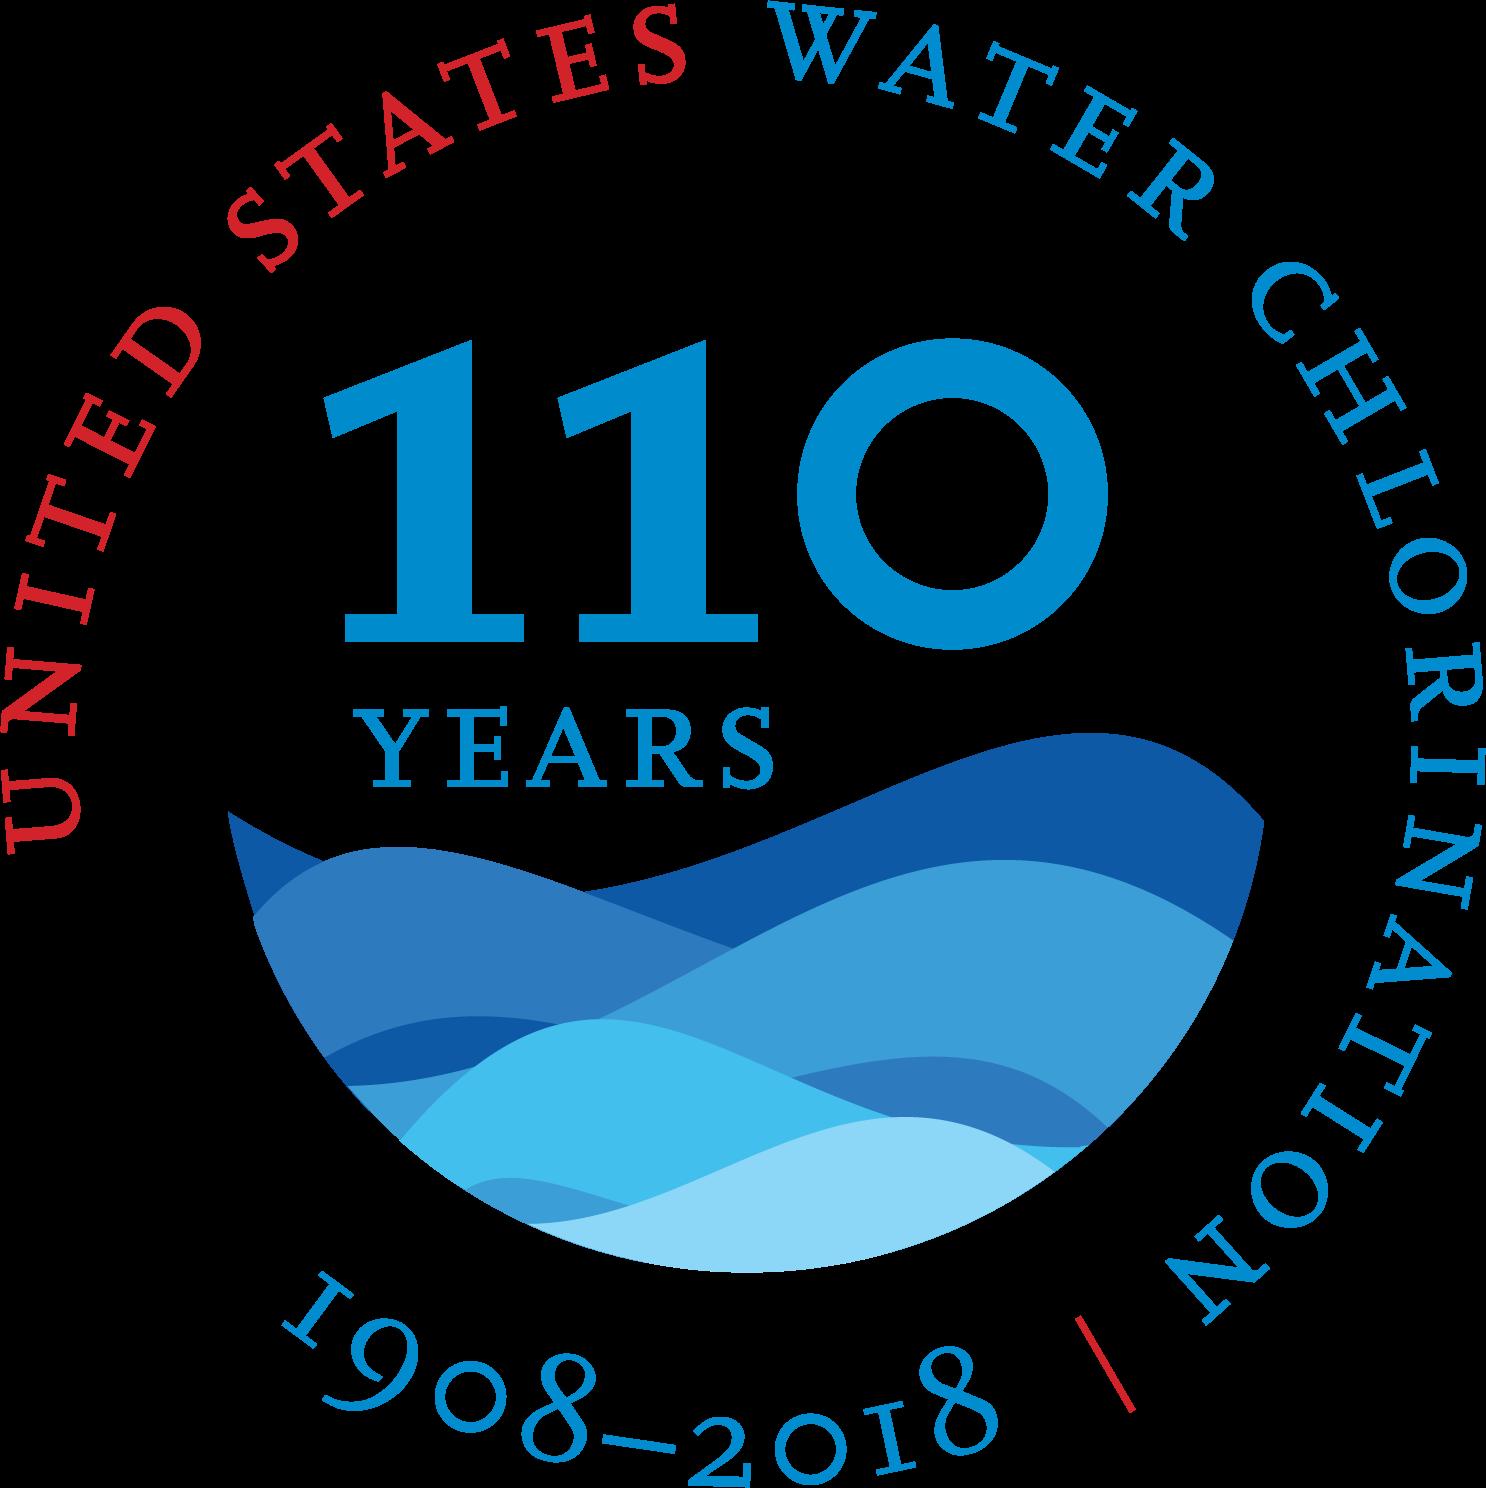 110-anniversary-logo